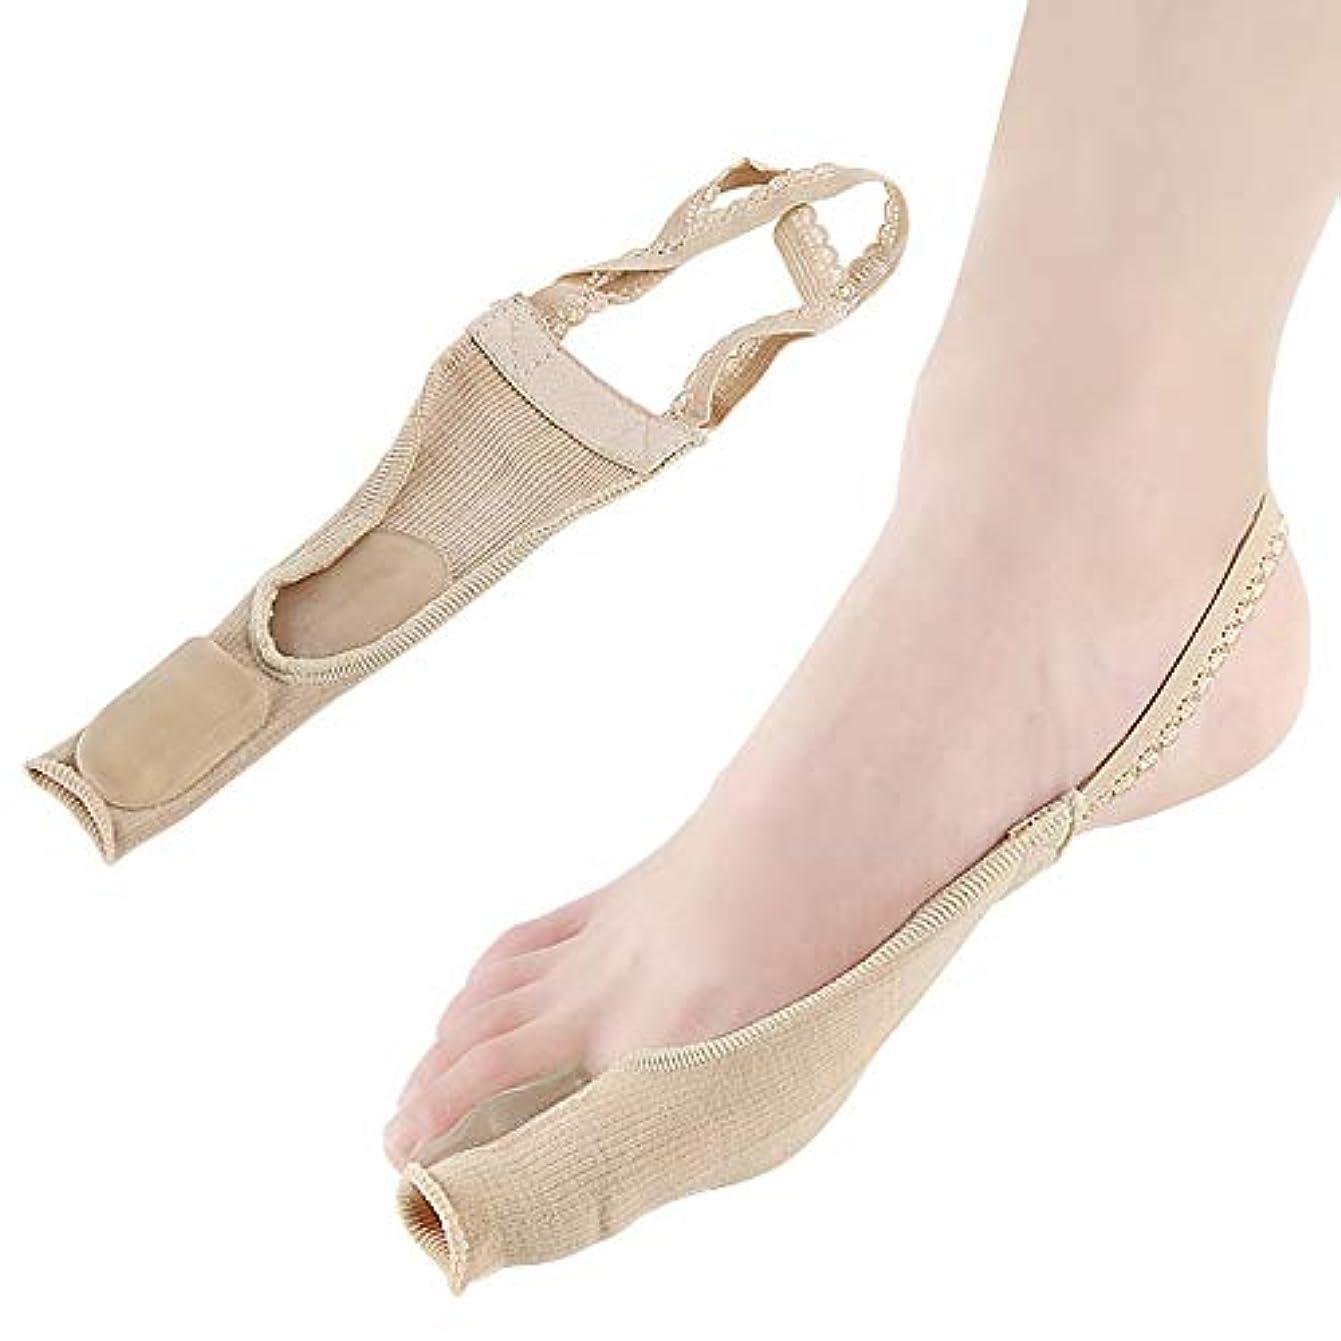 存在調整するリブつま先矯正靴下ワンサイズレース防止つま先外反重複高弾性厚み減衰吸収汗通気性ナイロンSEBS,2Pairs